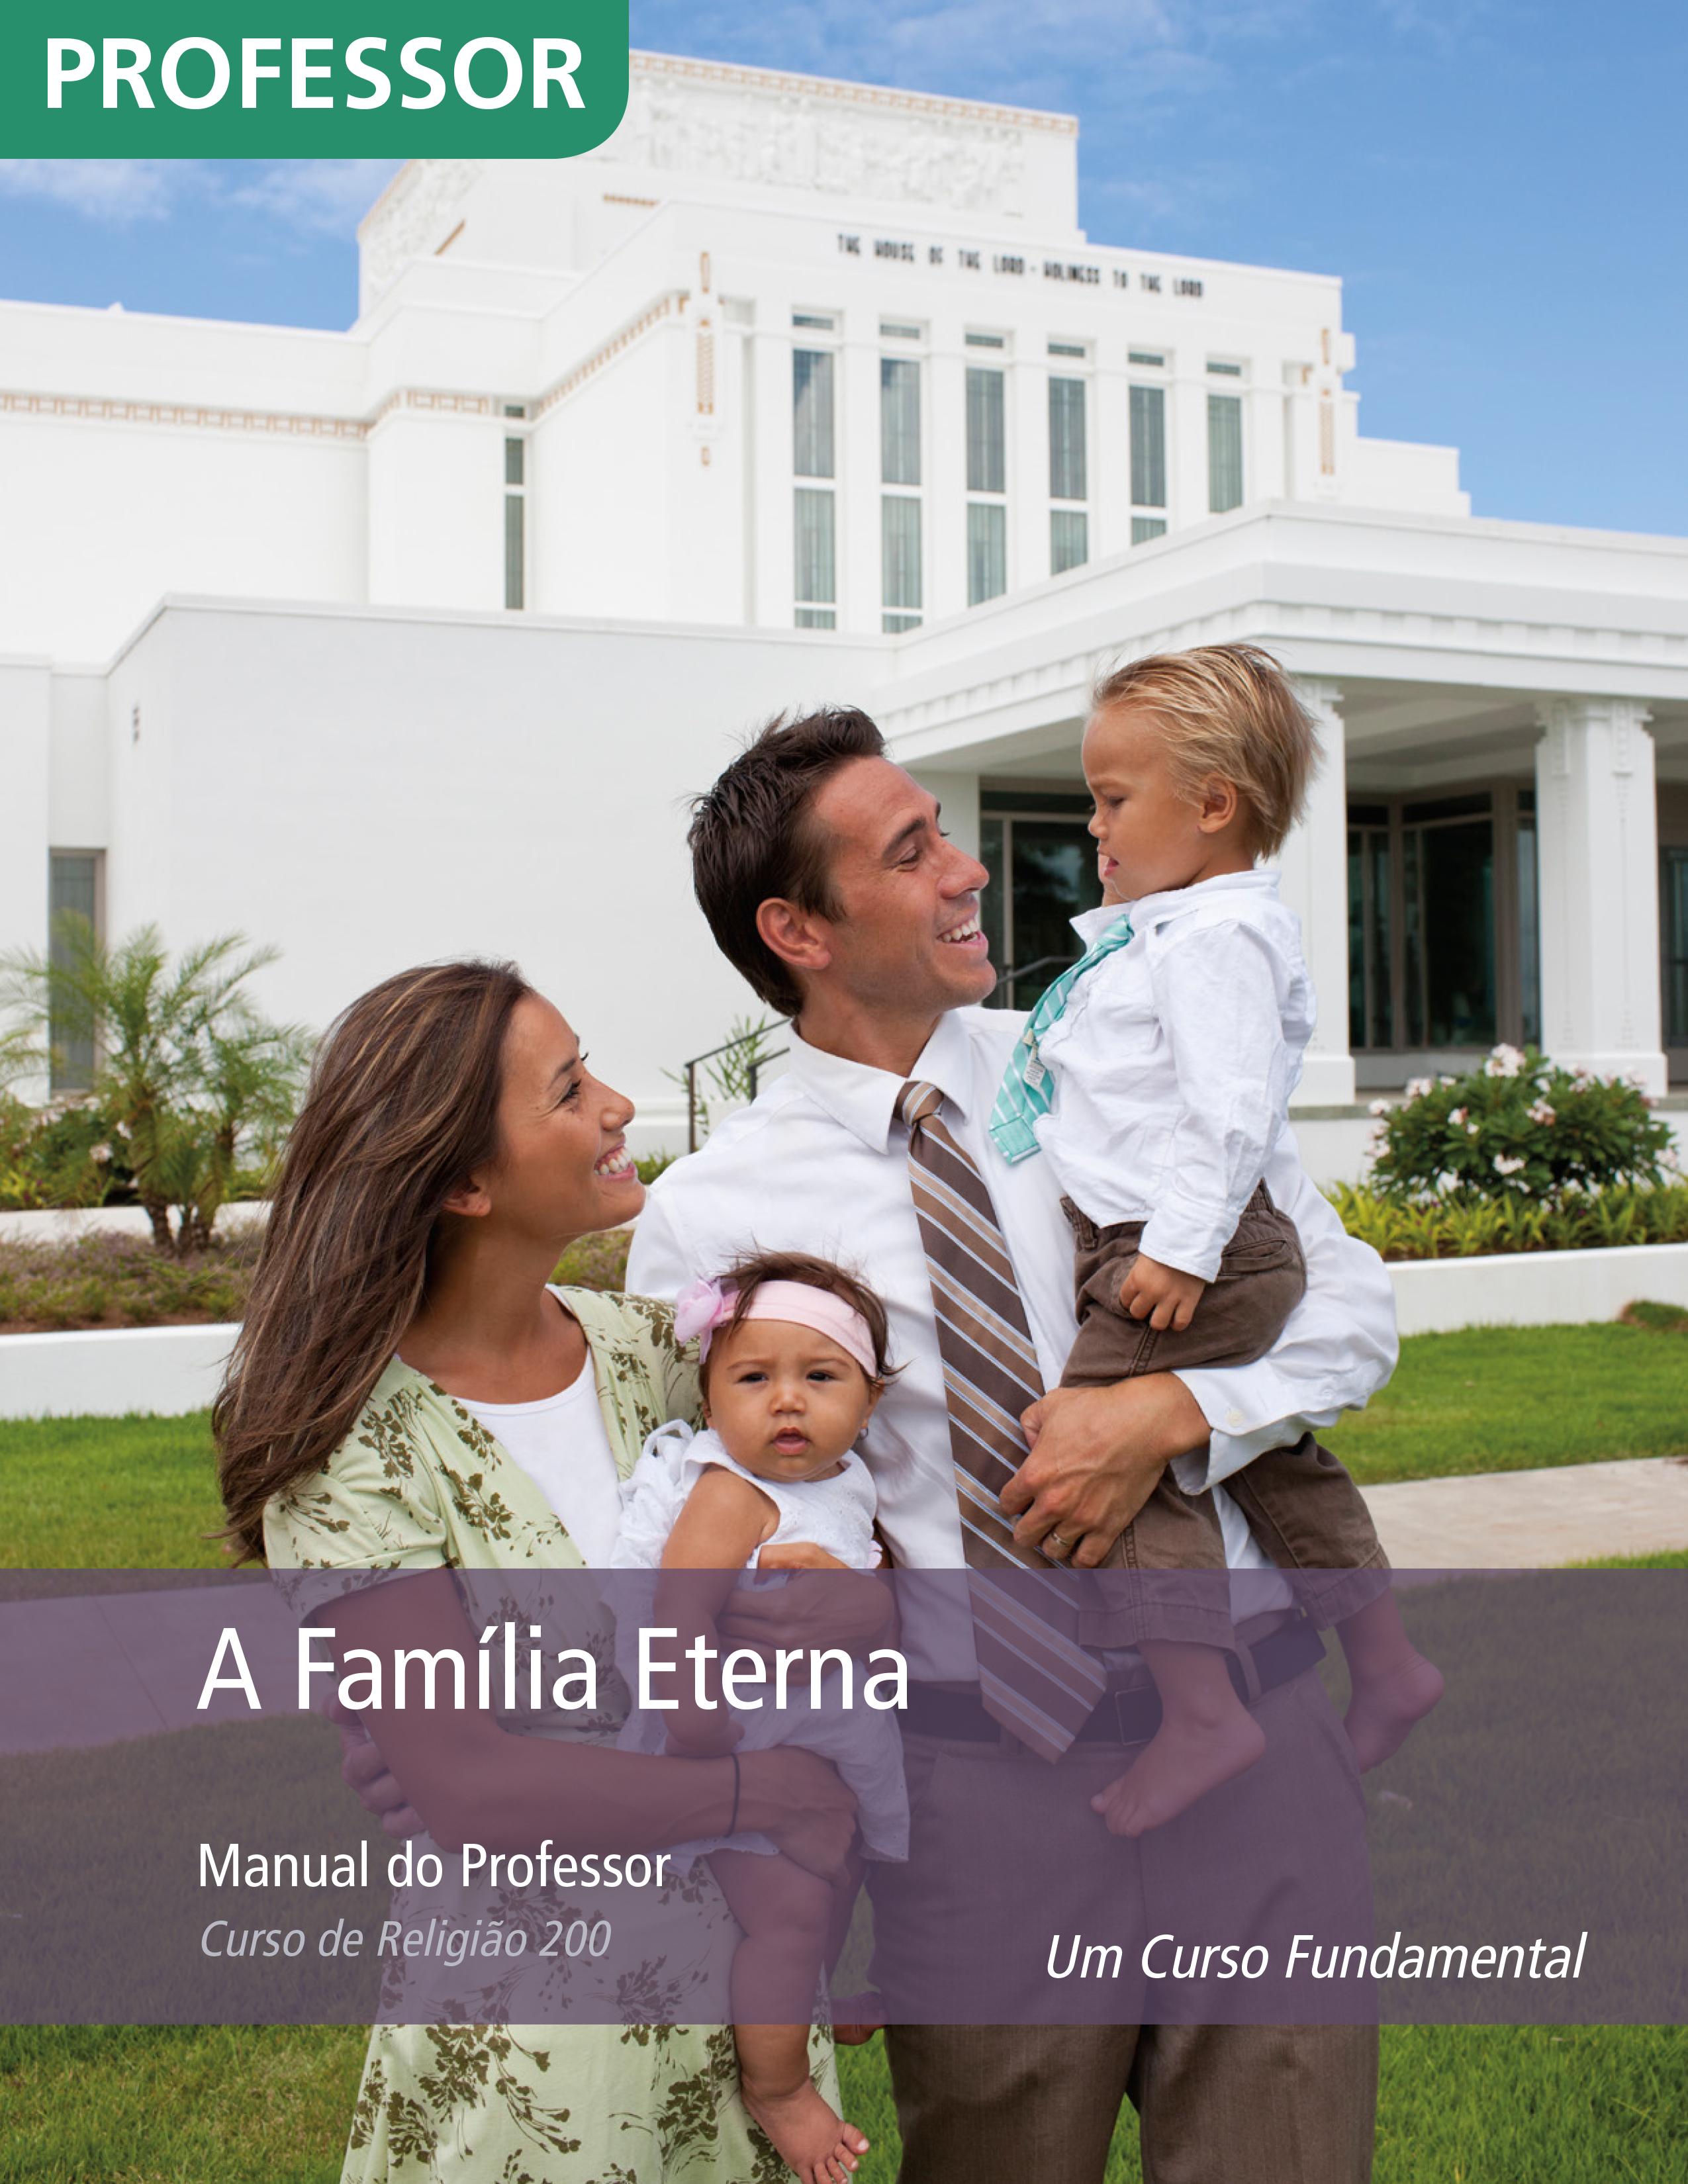 A Família Eterna — Manual do Professor (Rel 200)